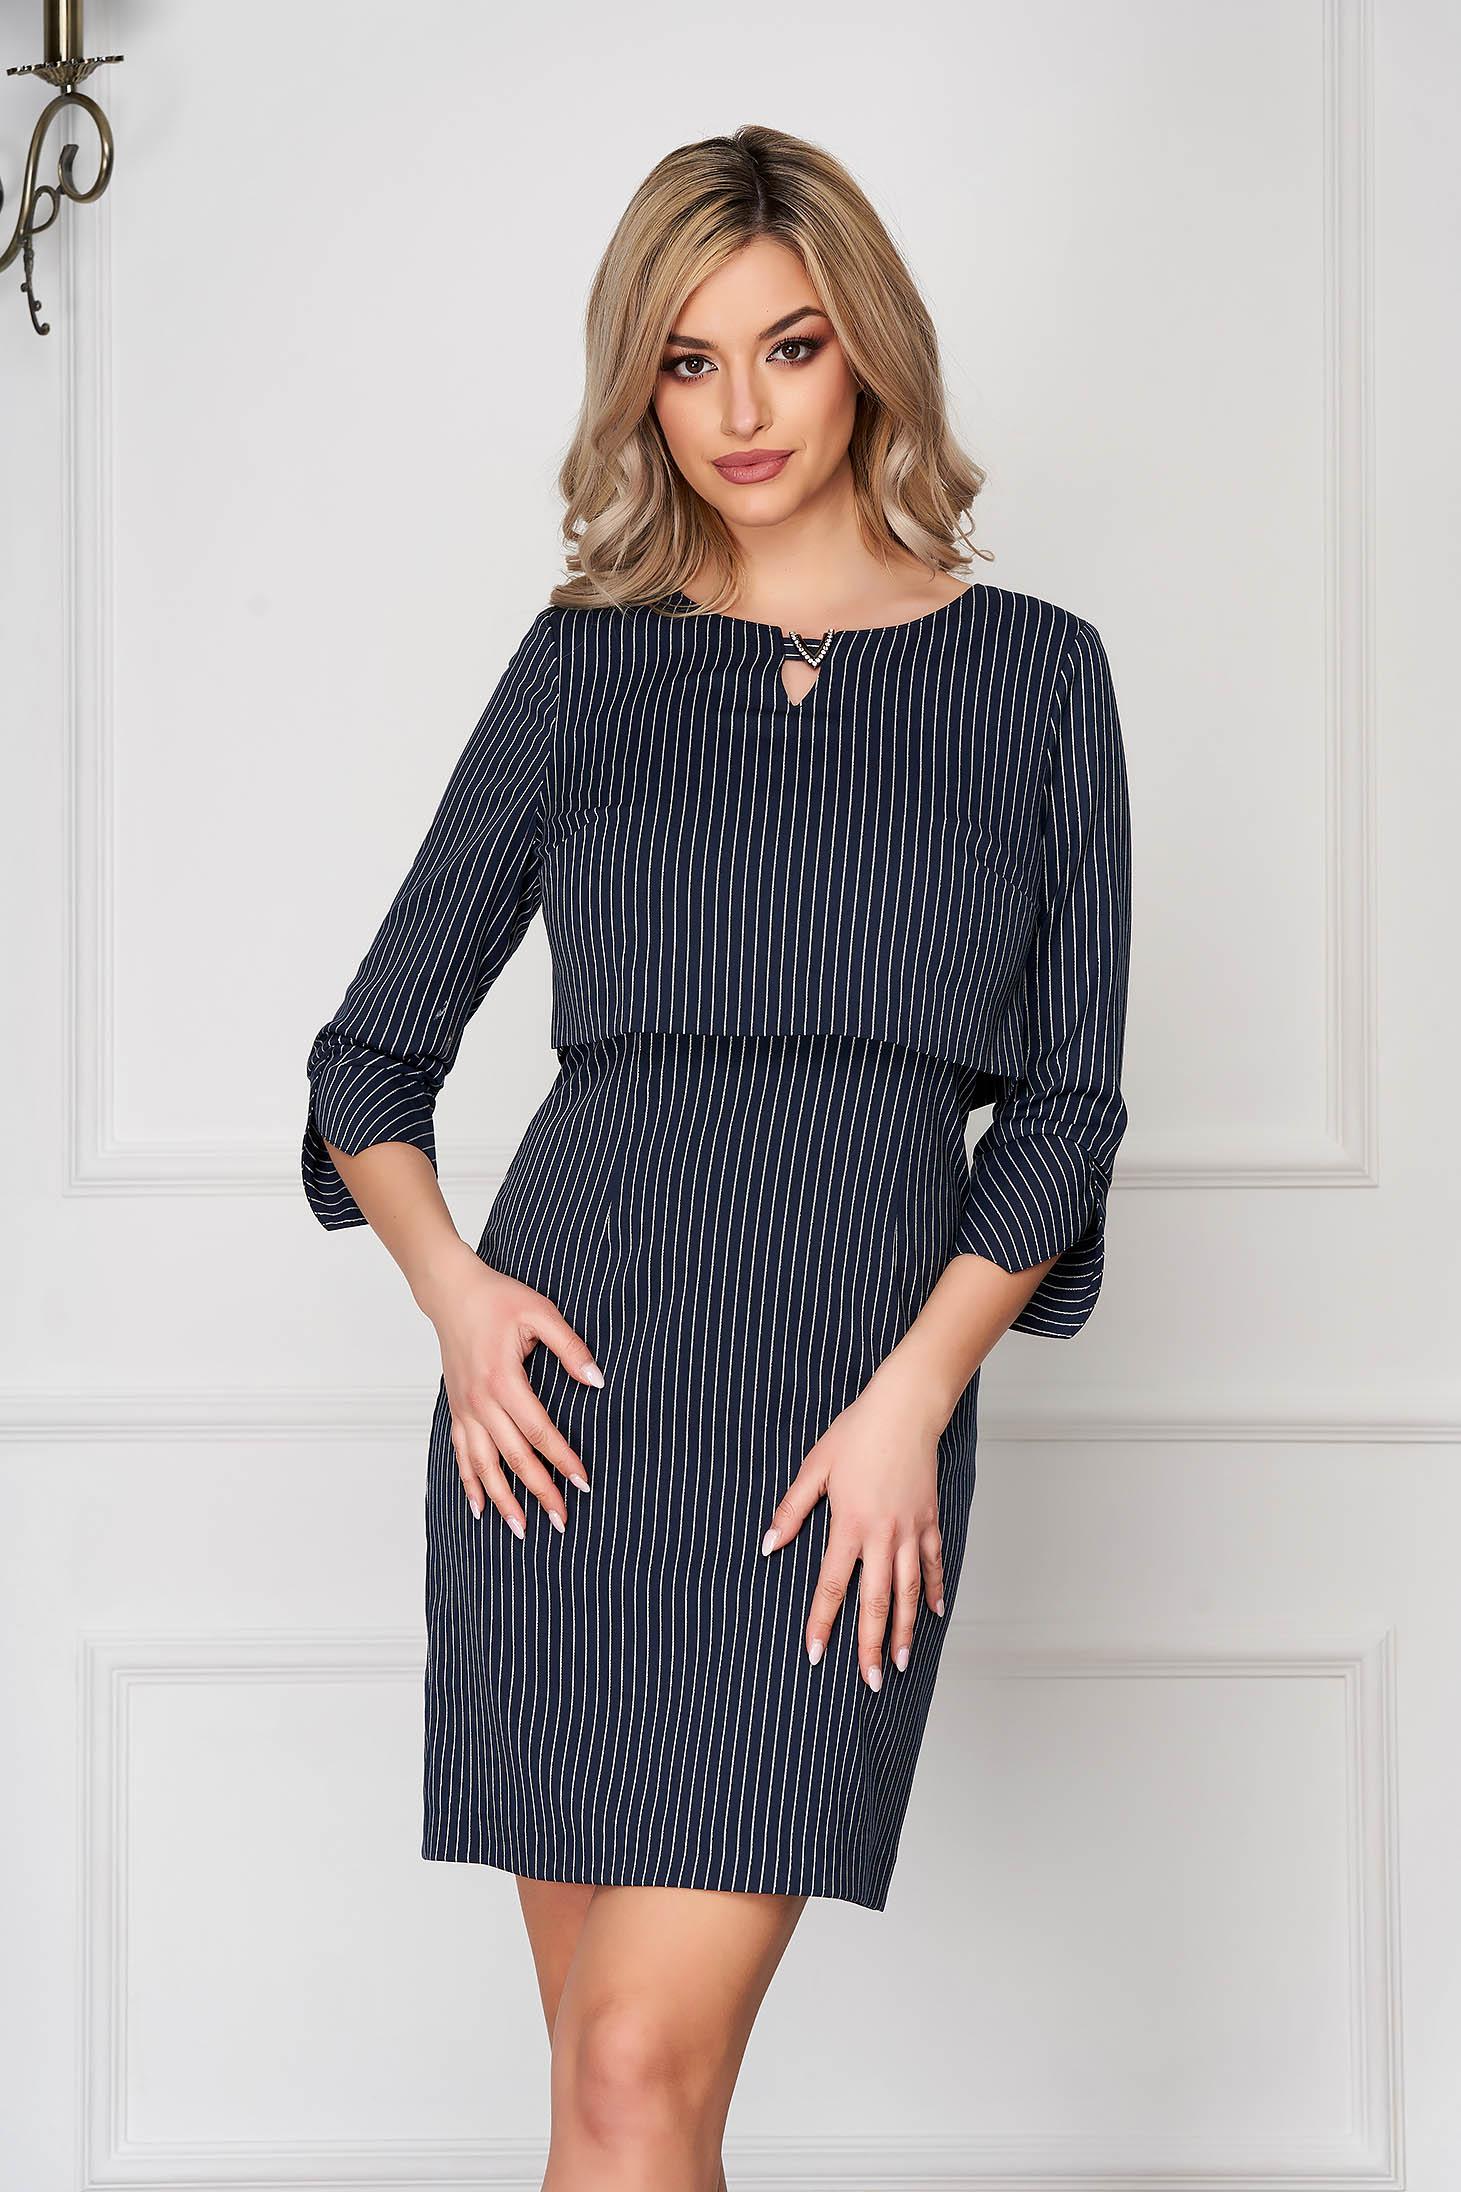 Rochie albastru-inchis scurta de zi cu un croi drept si imprimeu cu dungi